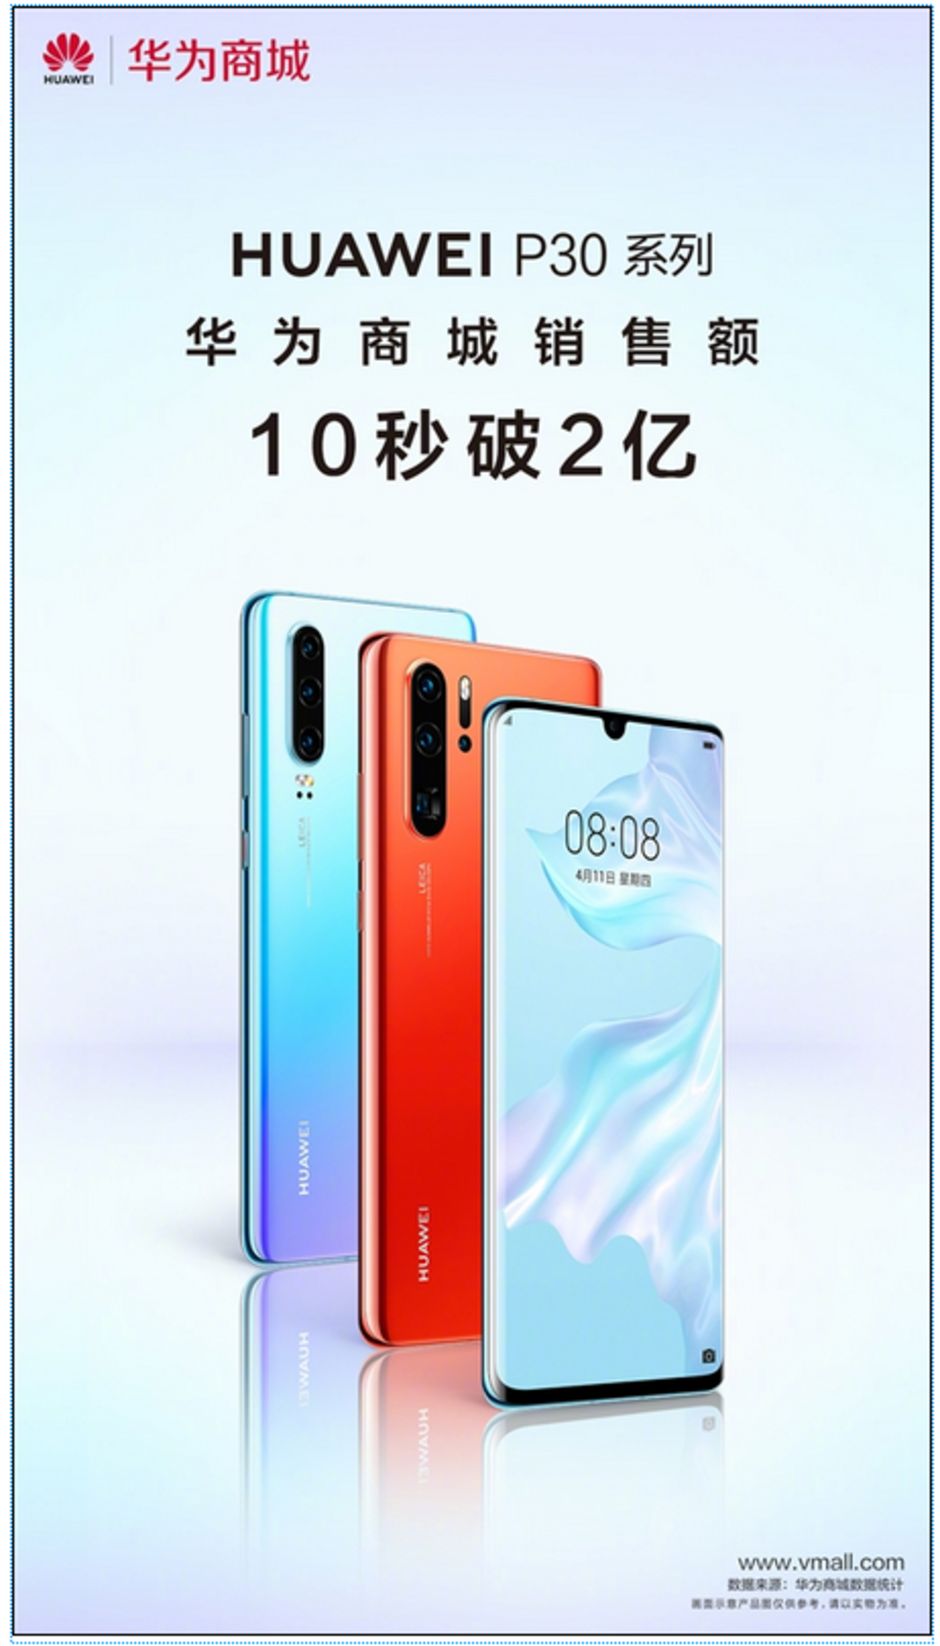 10 sekund stačilo k vyprodání Huawei P30